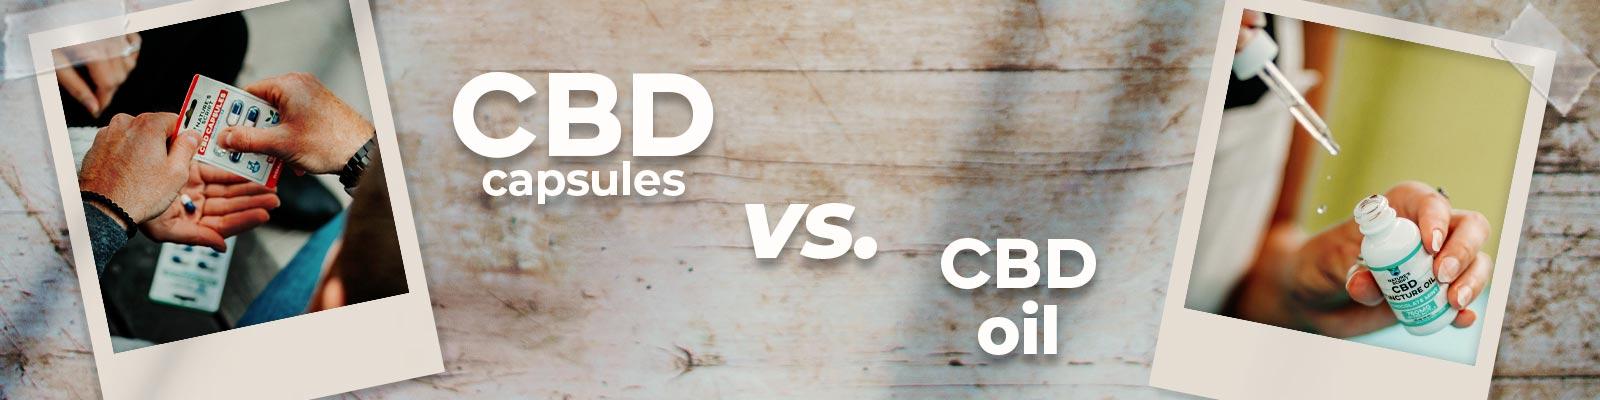 CBD Capsules vs. CBD Oil